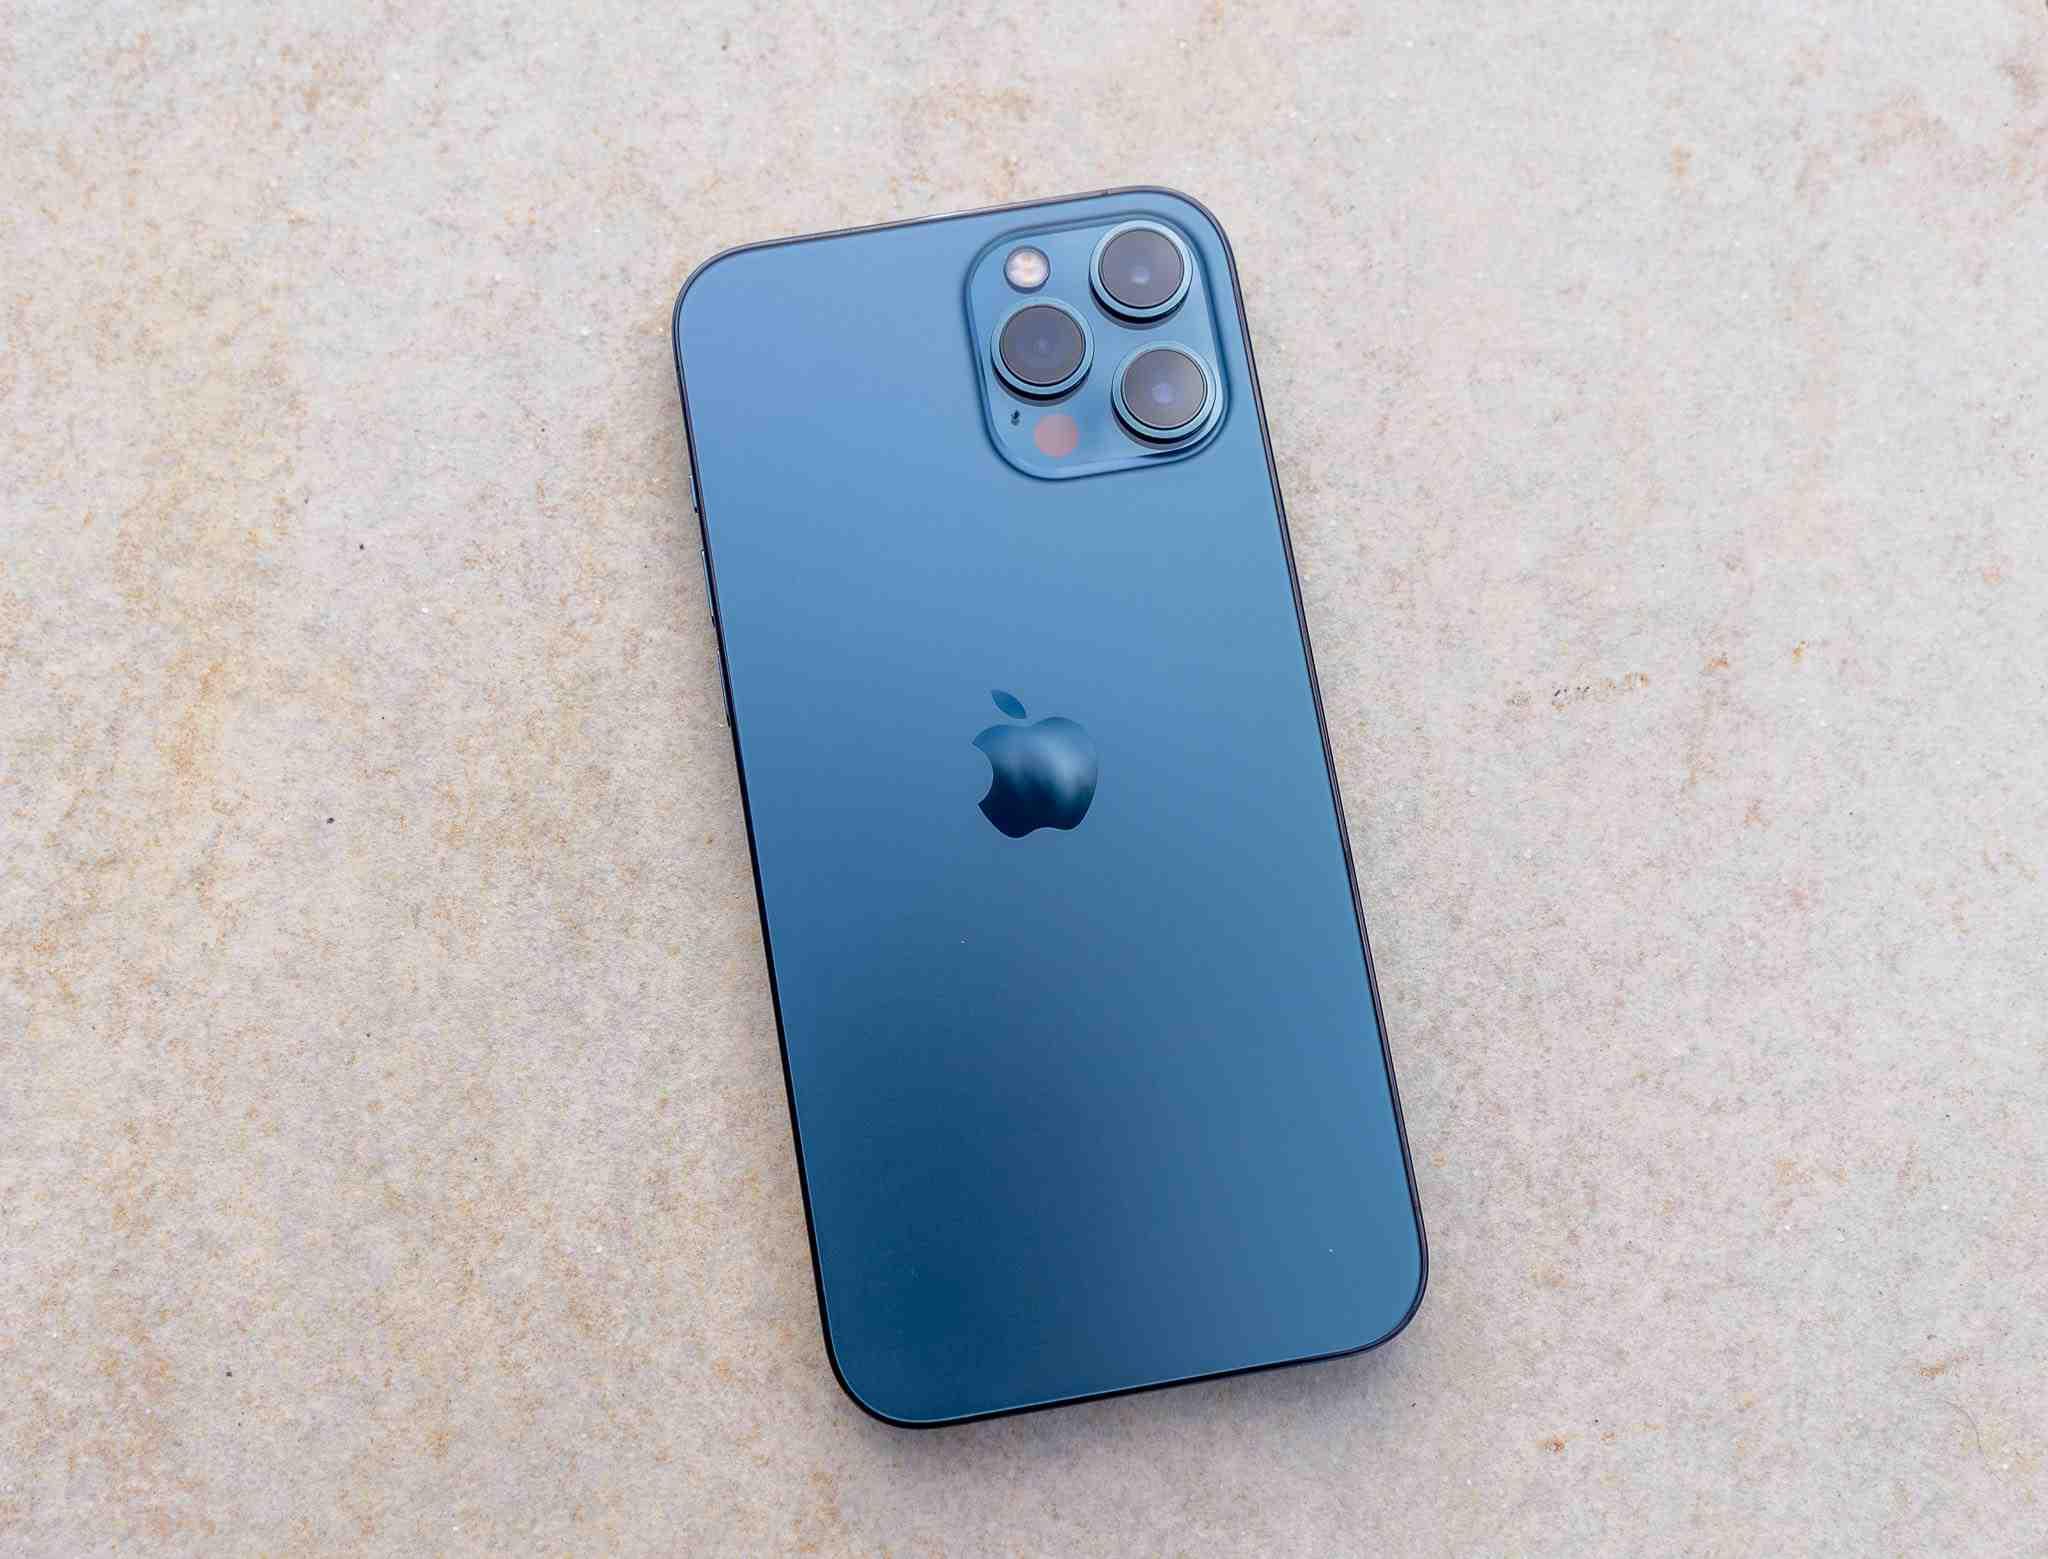 Nouvelles fonctionnalités de l'Iphone 12 pro max